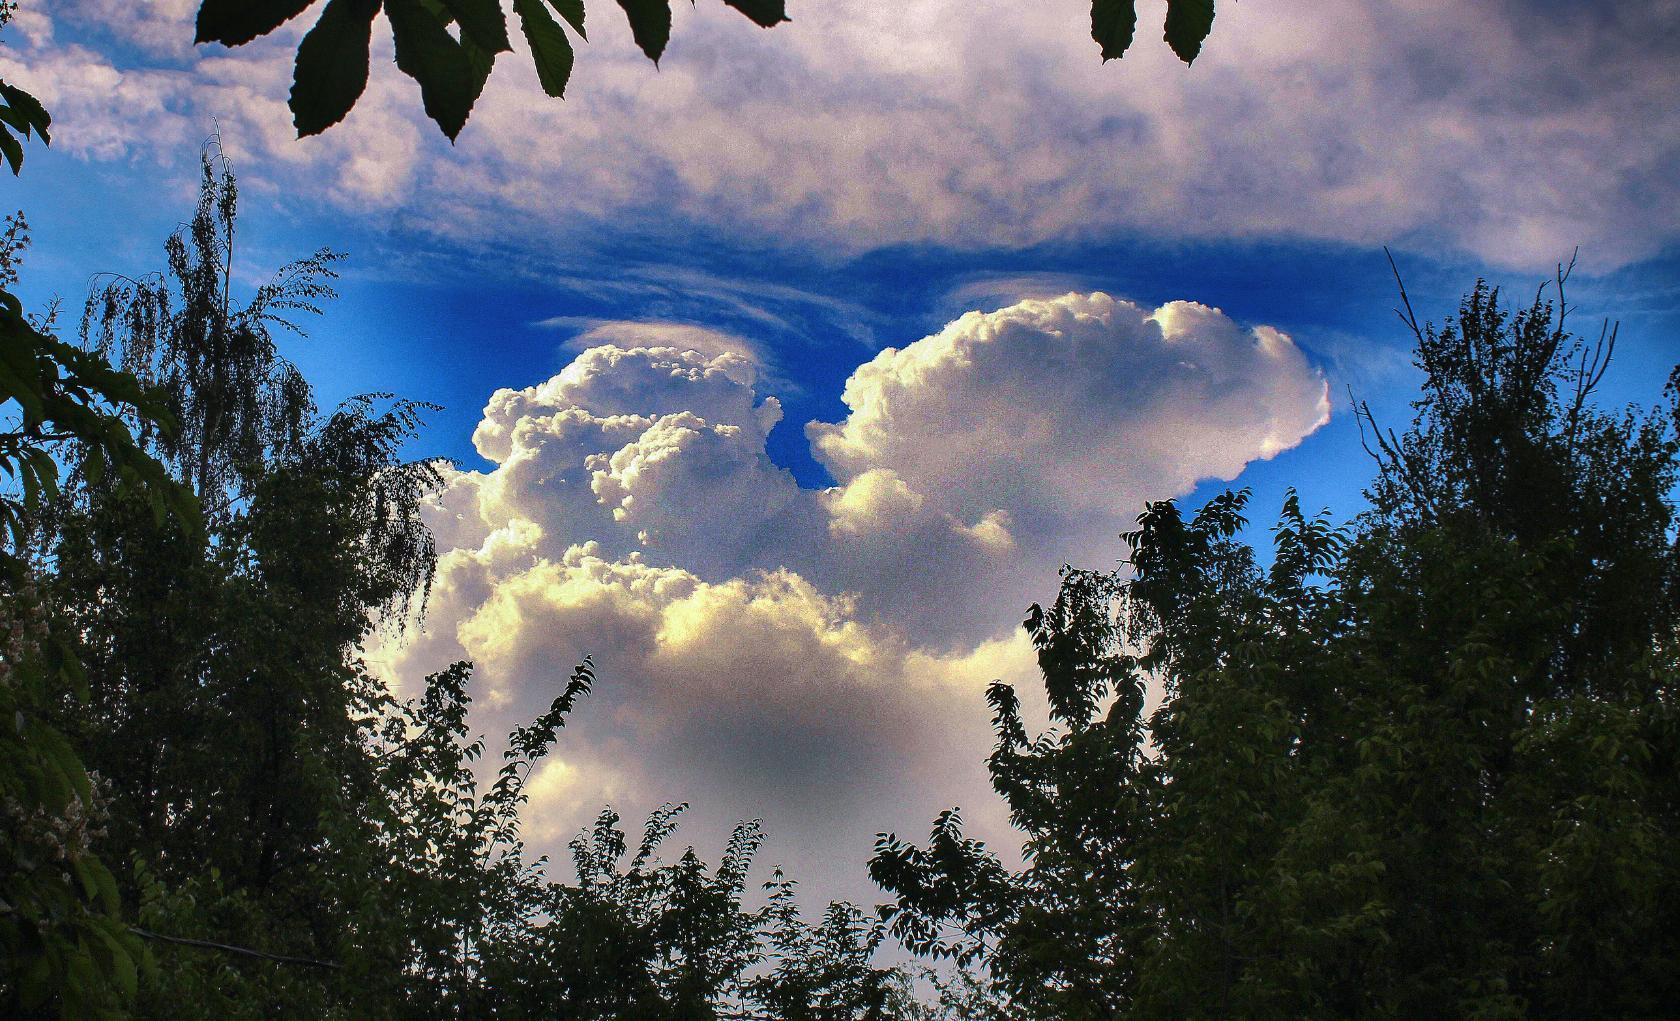 вечером в Борисоглебске. Блиц: небо в облаках